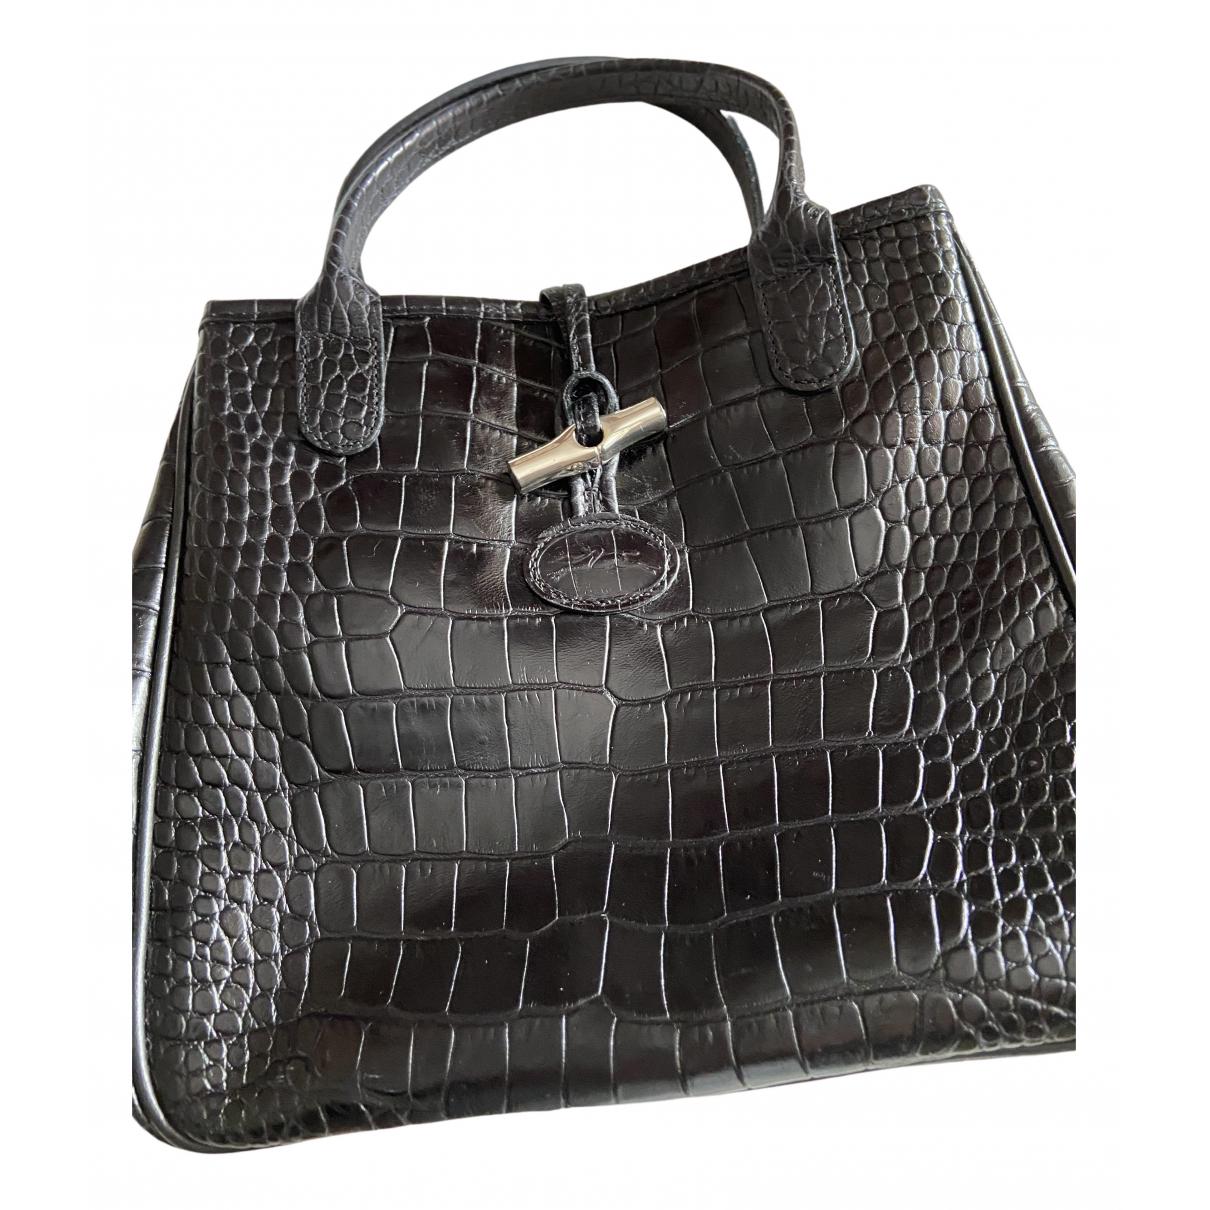 Longchamp - Sac a main Roseau pour femme en cuir - noir